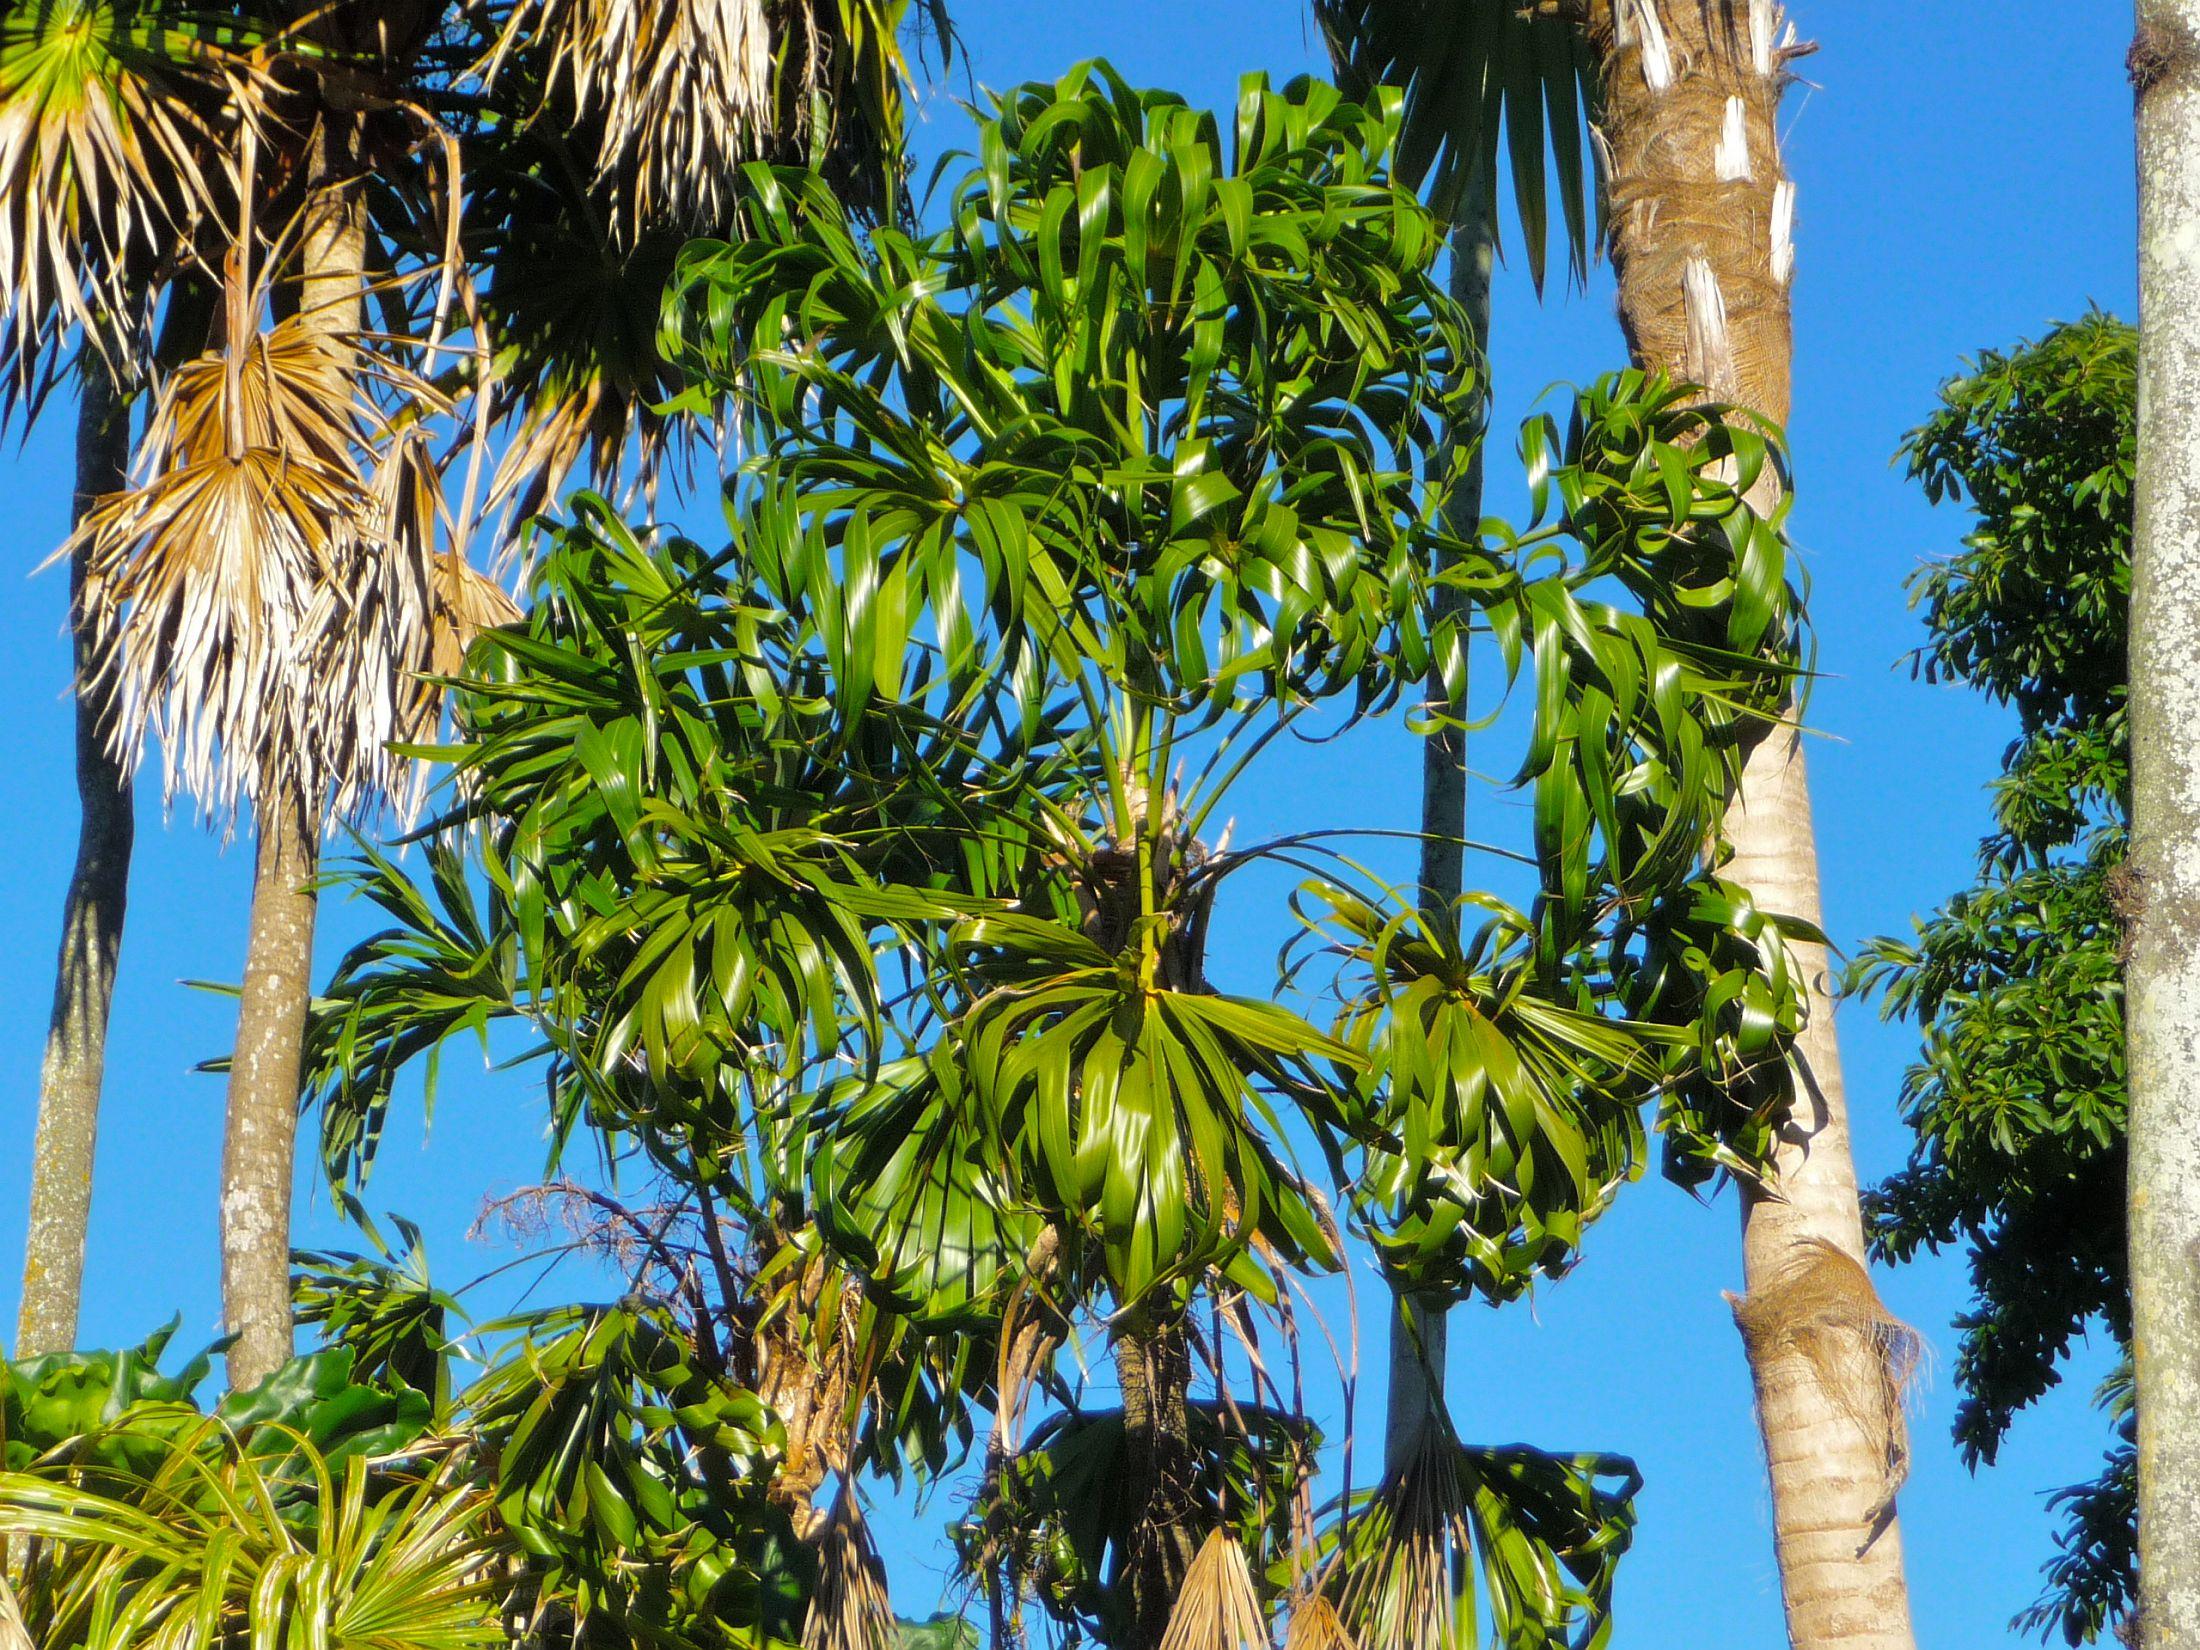 Vista de la Thrinax parviflora, una palmera que puedes tener en maceta